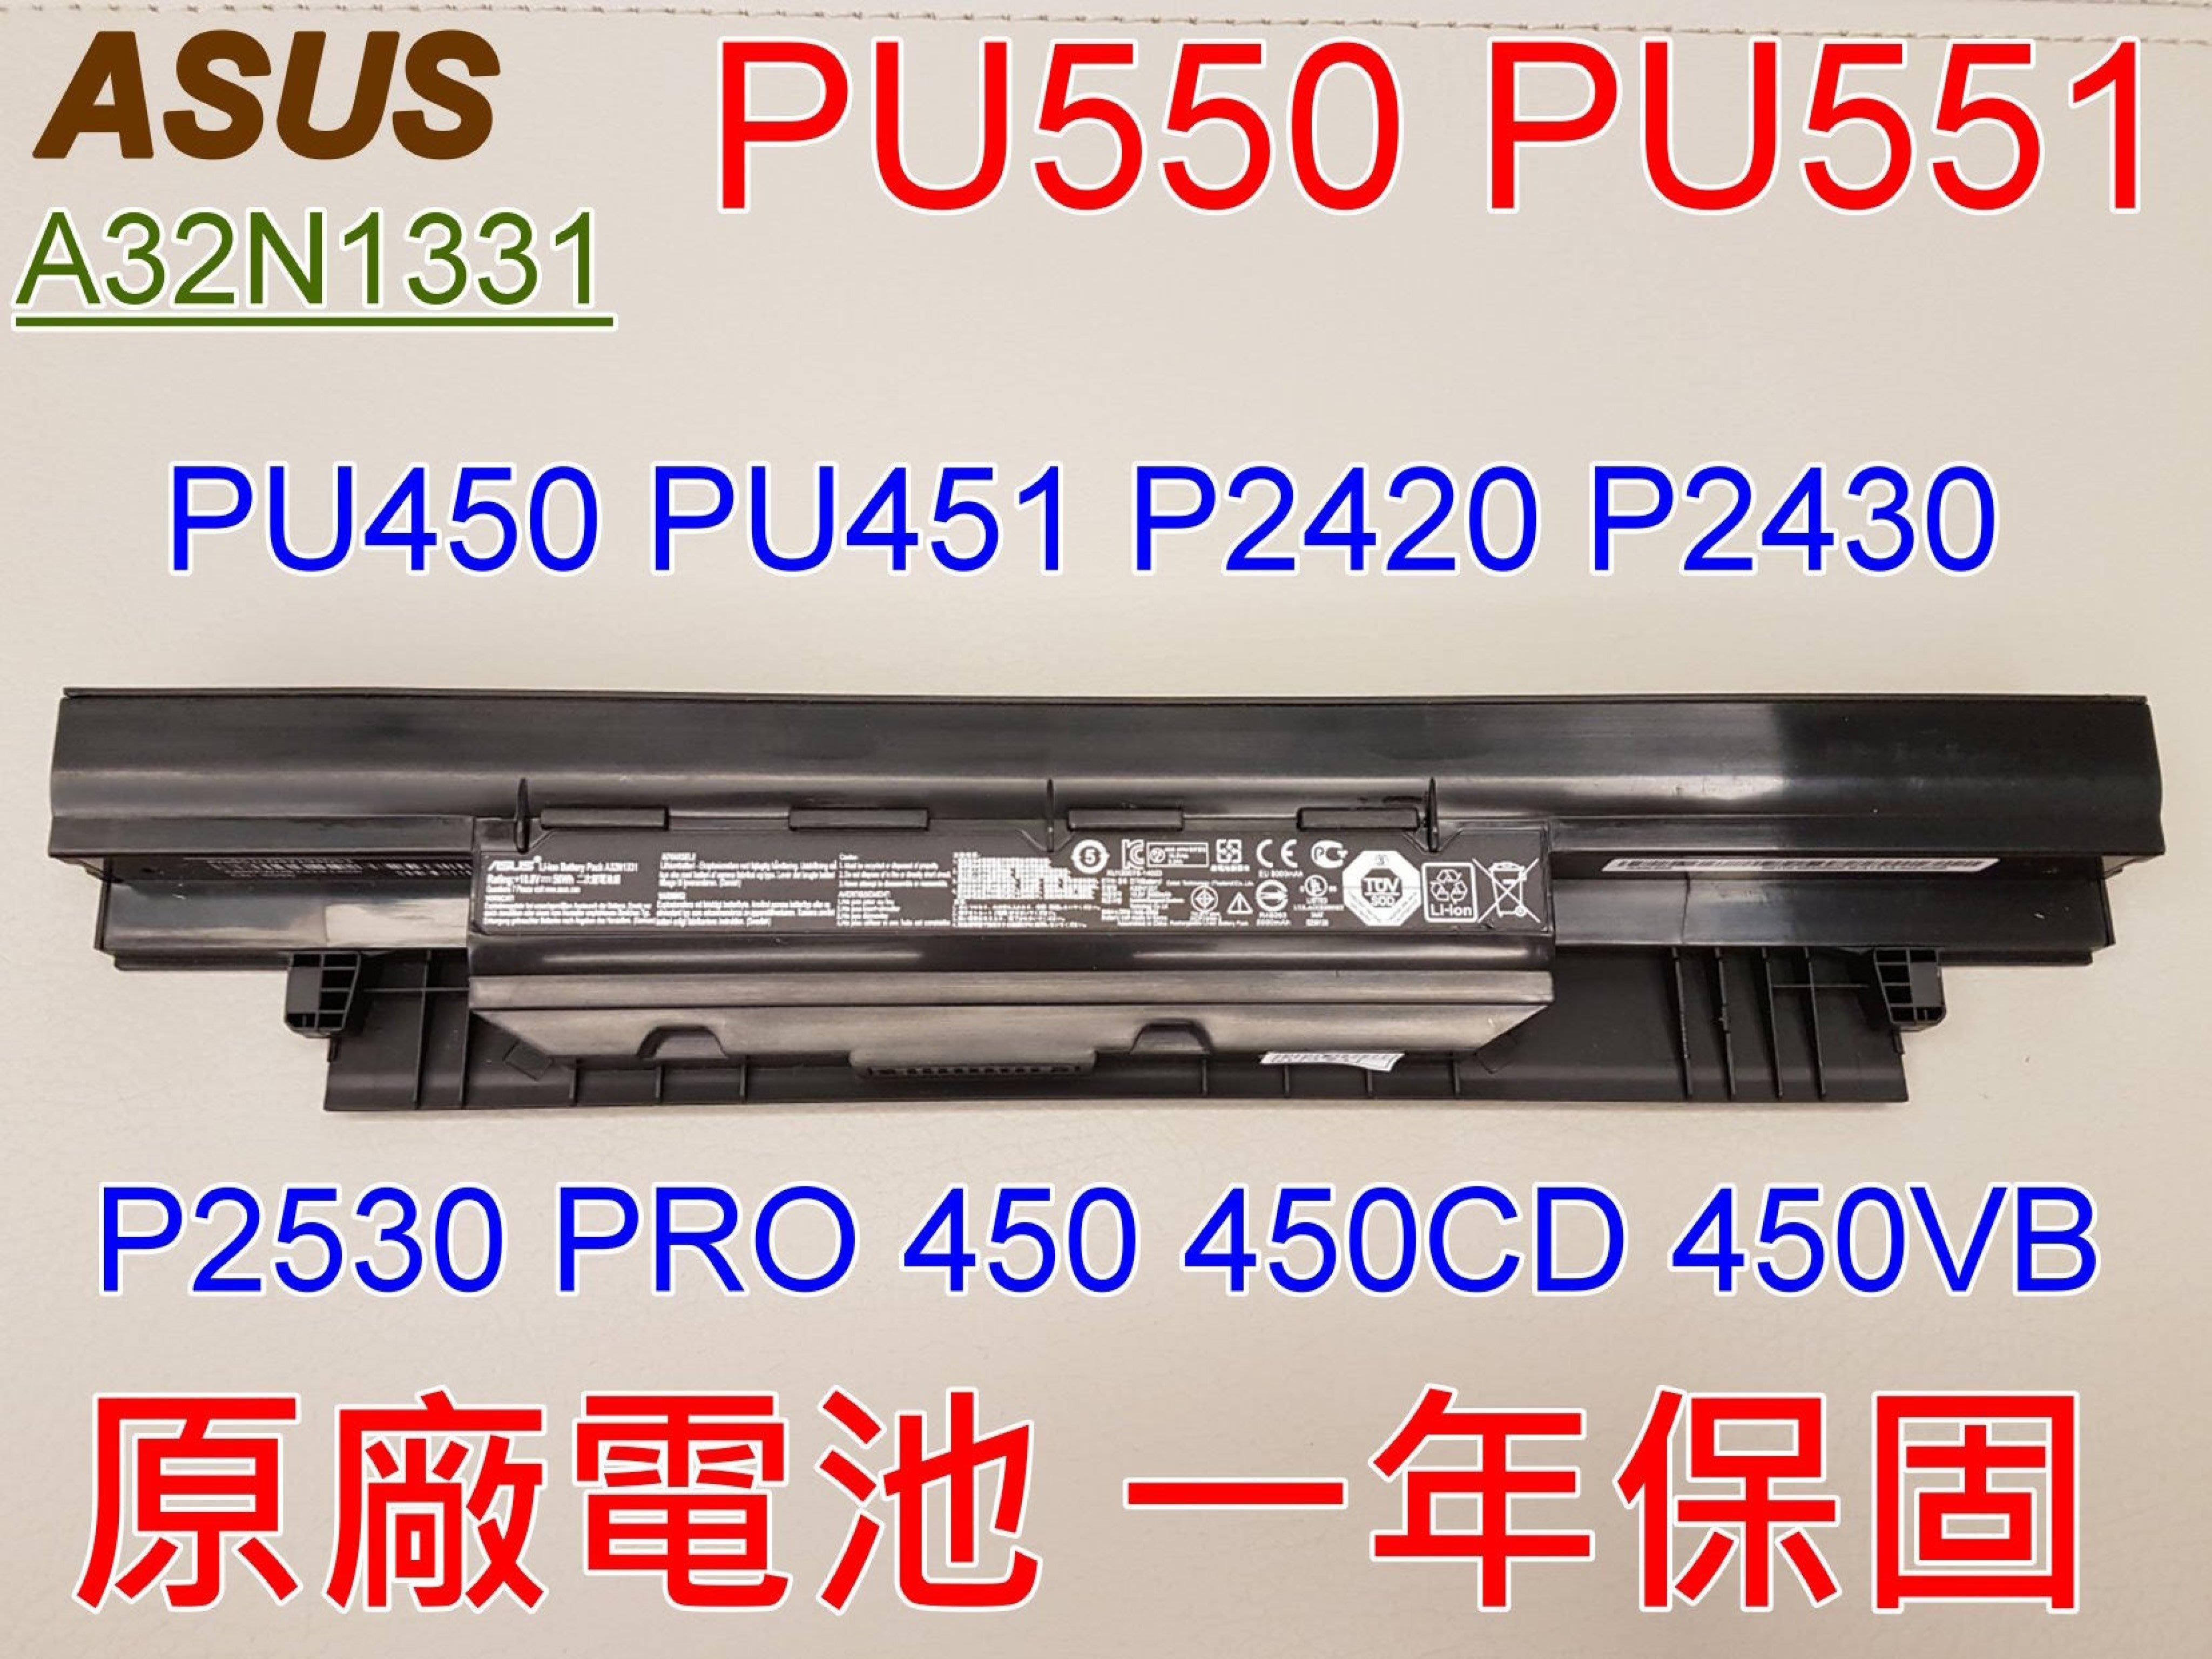 ASUS 華碩 A32N1331 原廠電池 P2420LA P2420LJ P2430 P2430U P2430UA